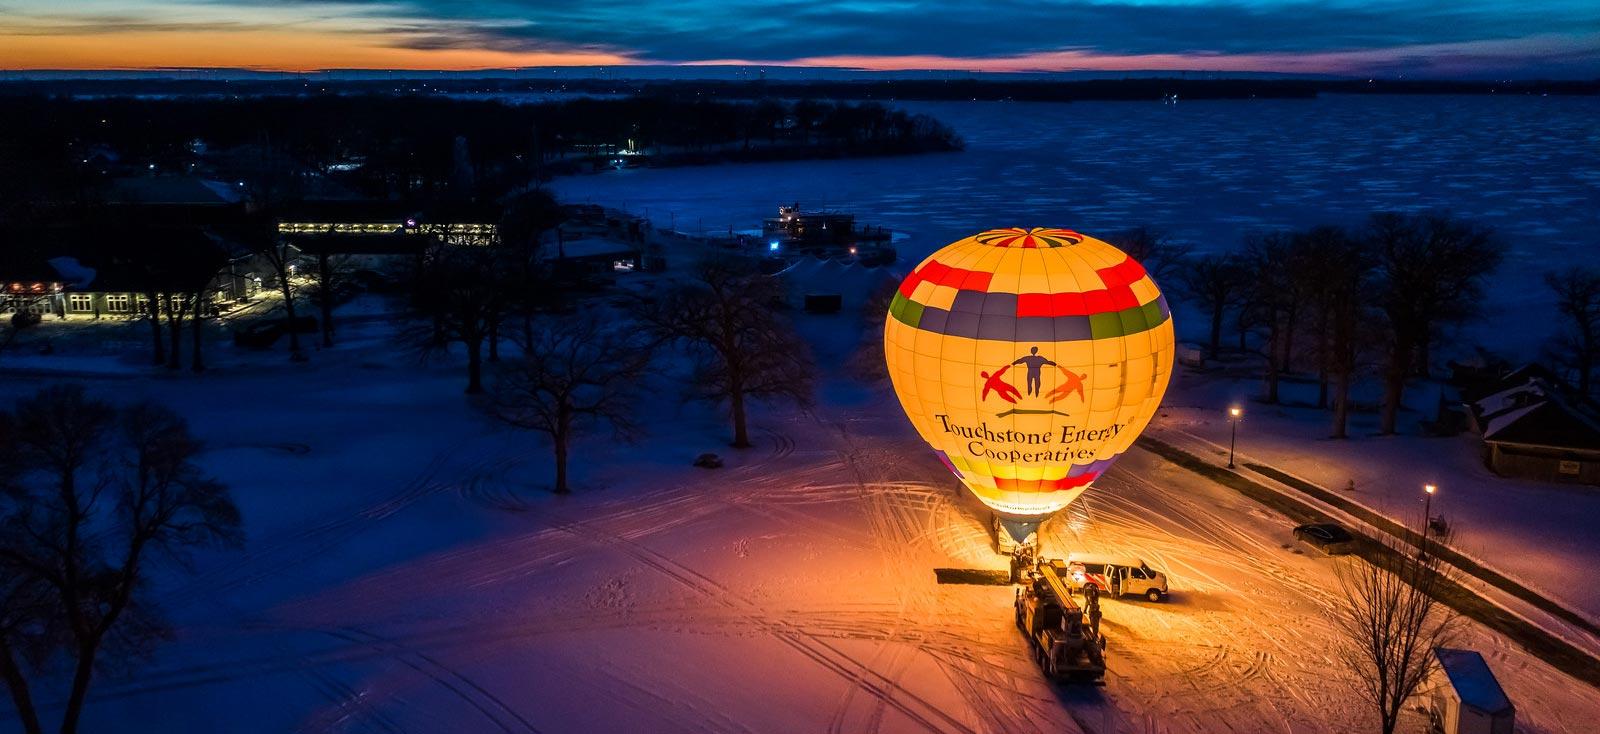 https://cbaballoon.com/sites/cbaballoon/files/revslider/image/Revslider-Balloon-Background.jpg